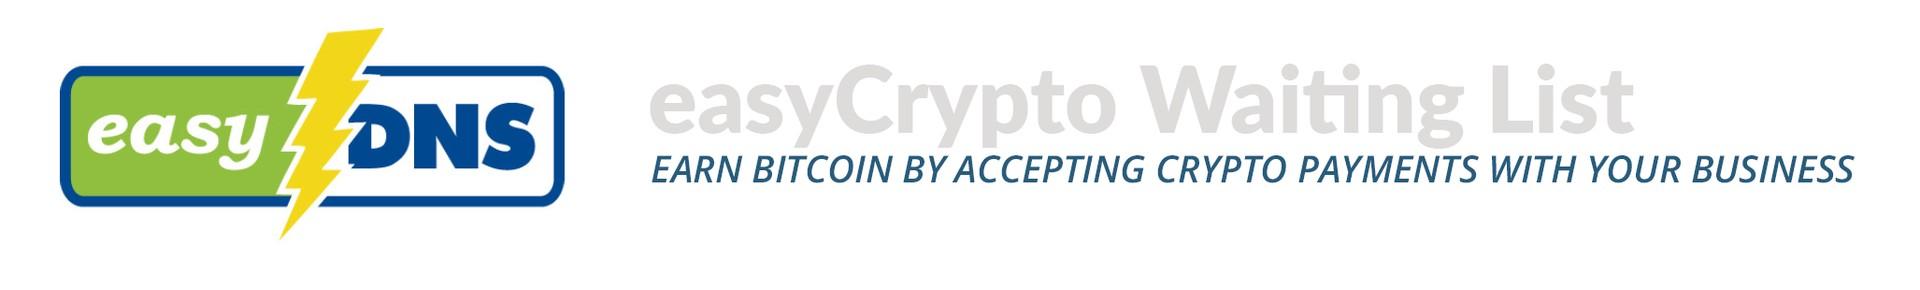 easycrypto-lander-header